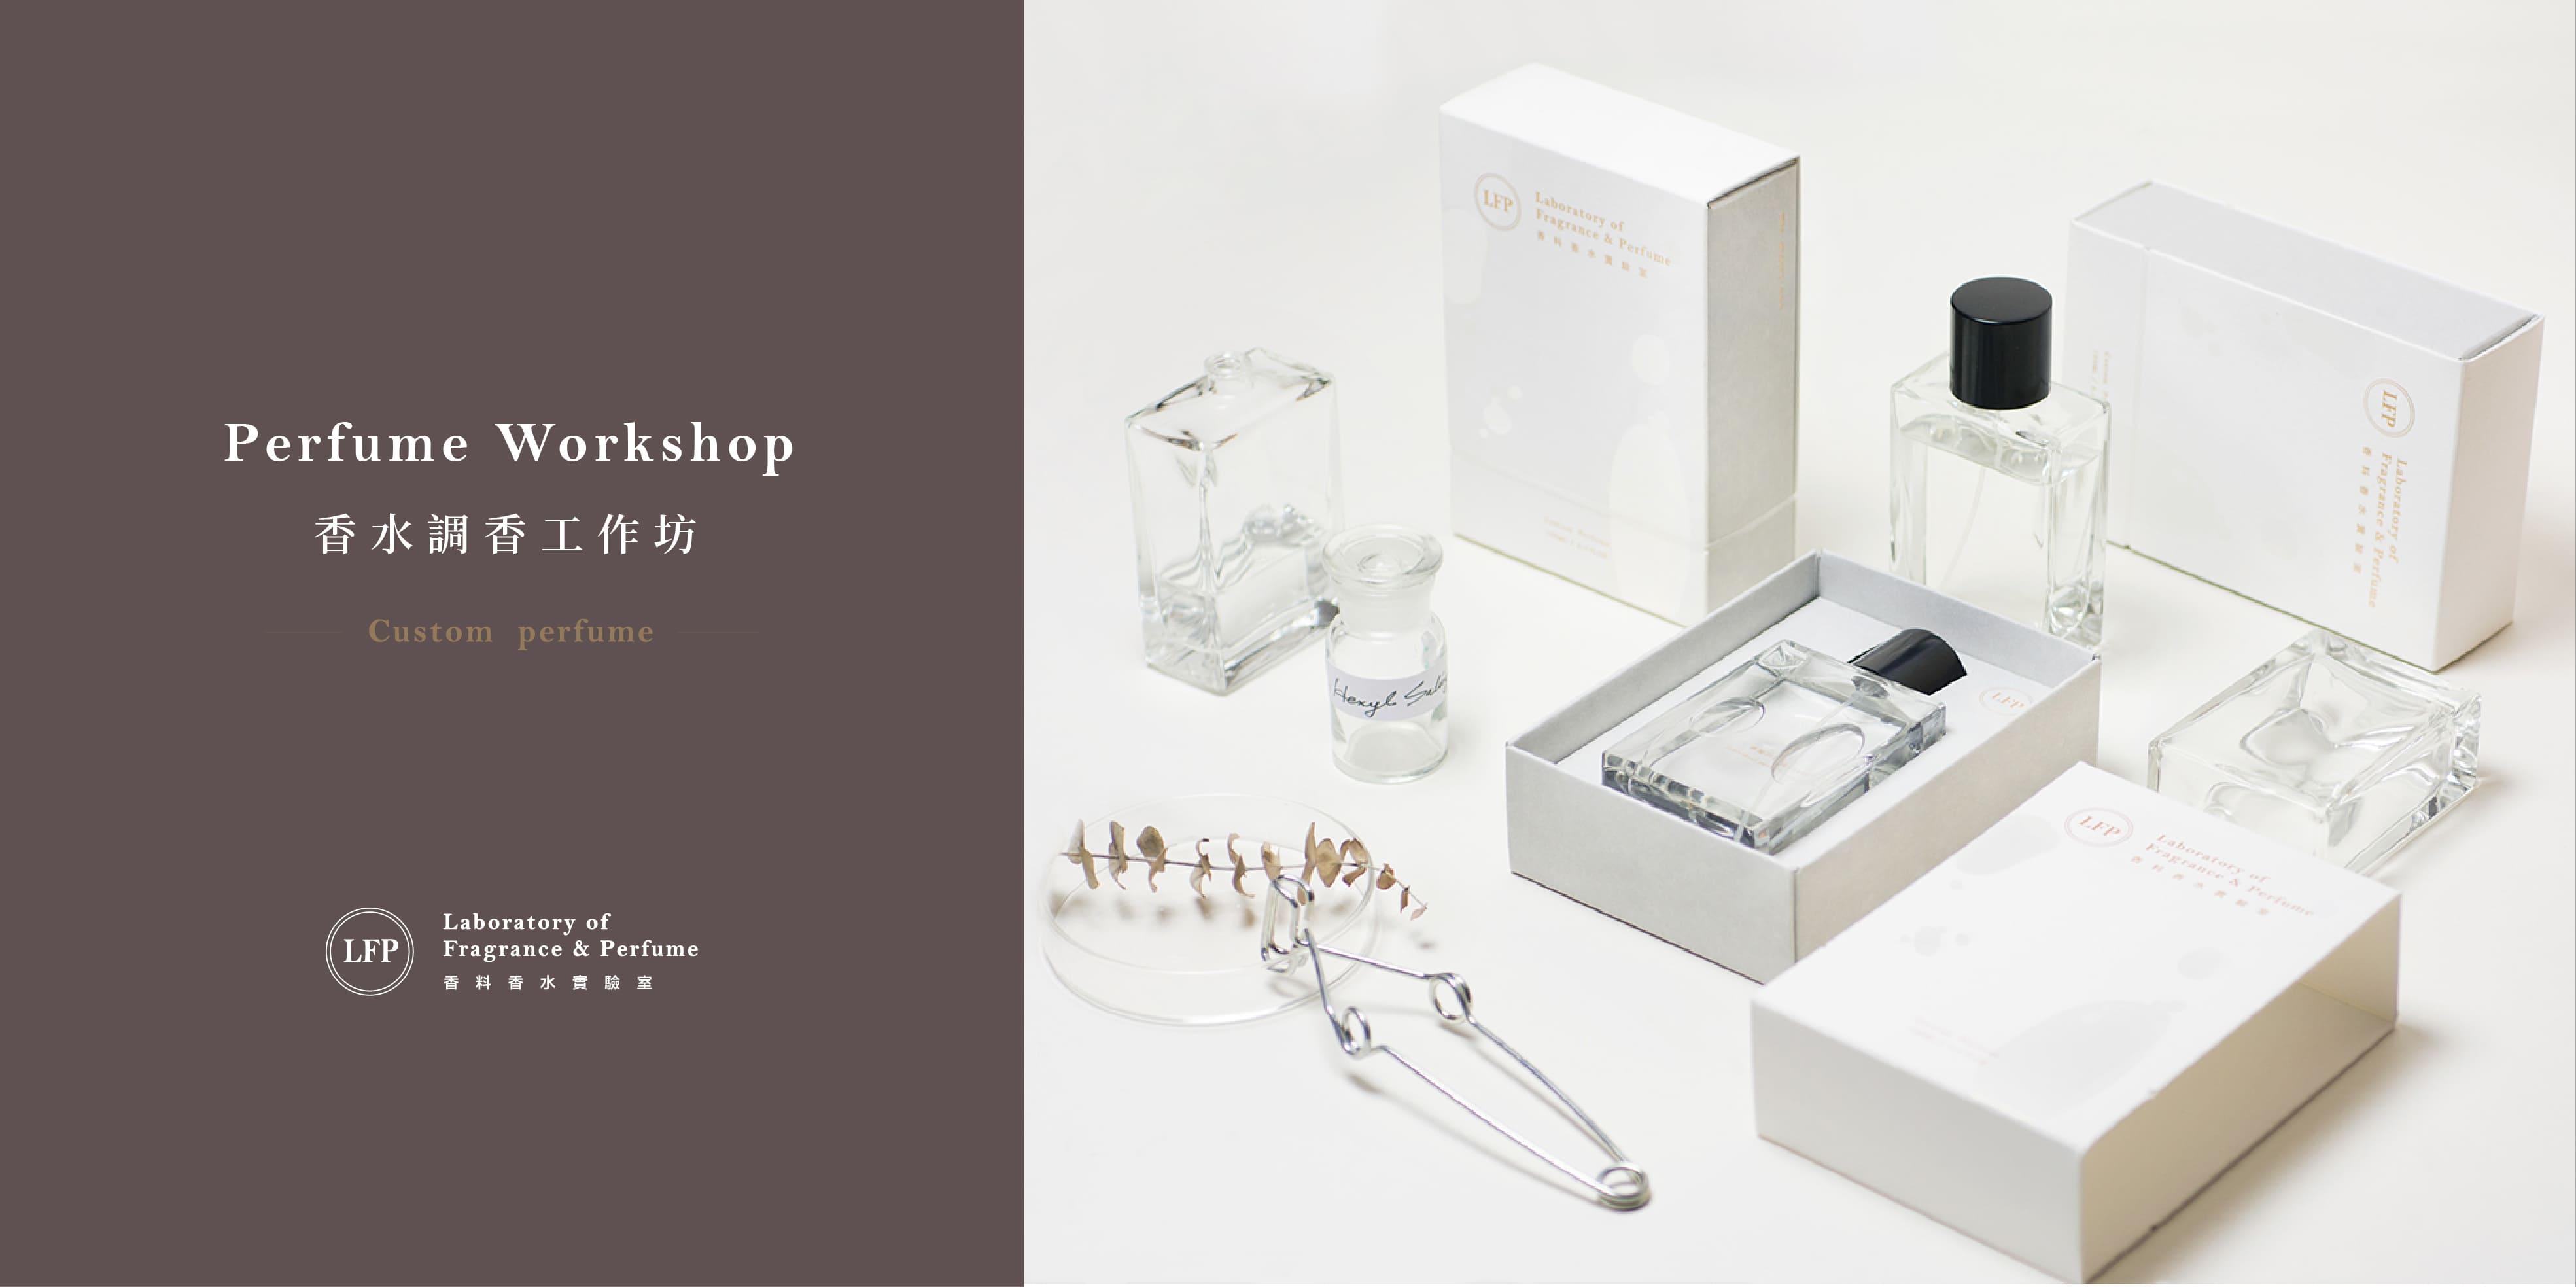 LFP 臺北場個人化香水調香工作坊 (2018 八月份 08/19) | LFP香料香水實驗室,客製專屬香水